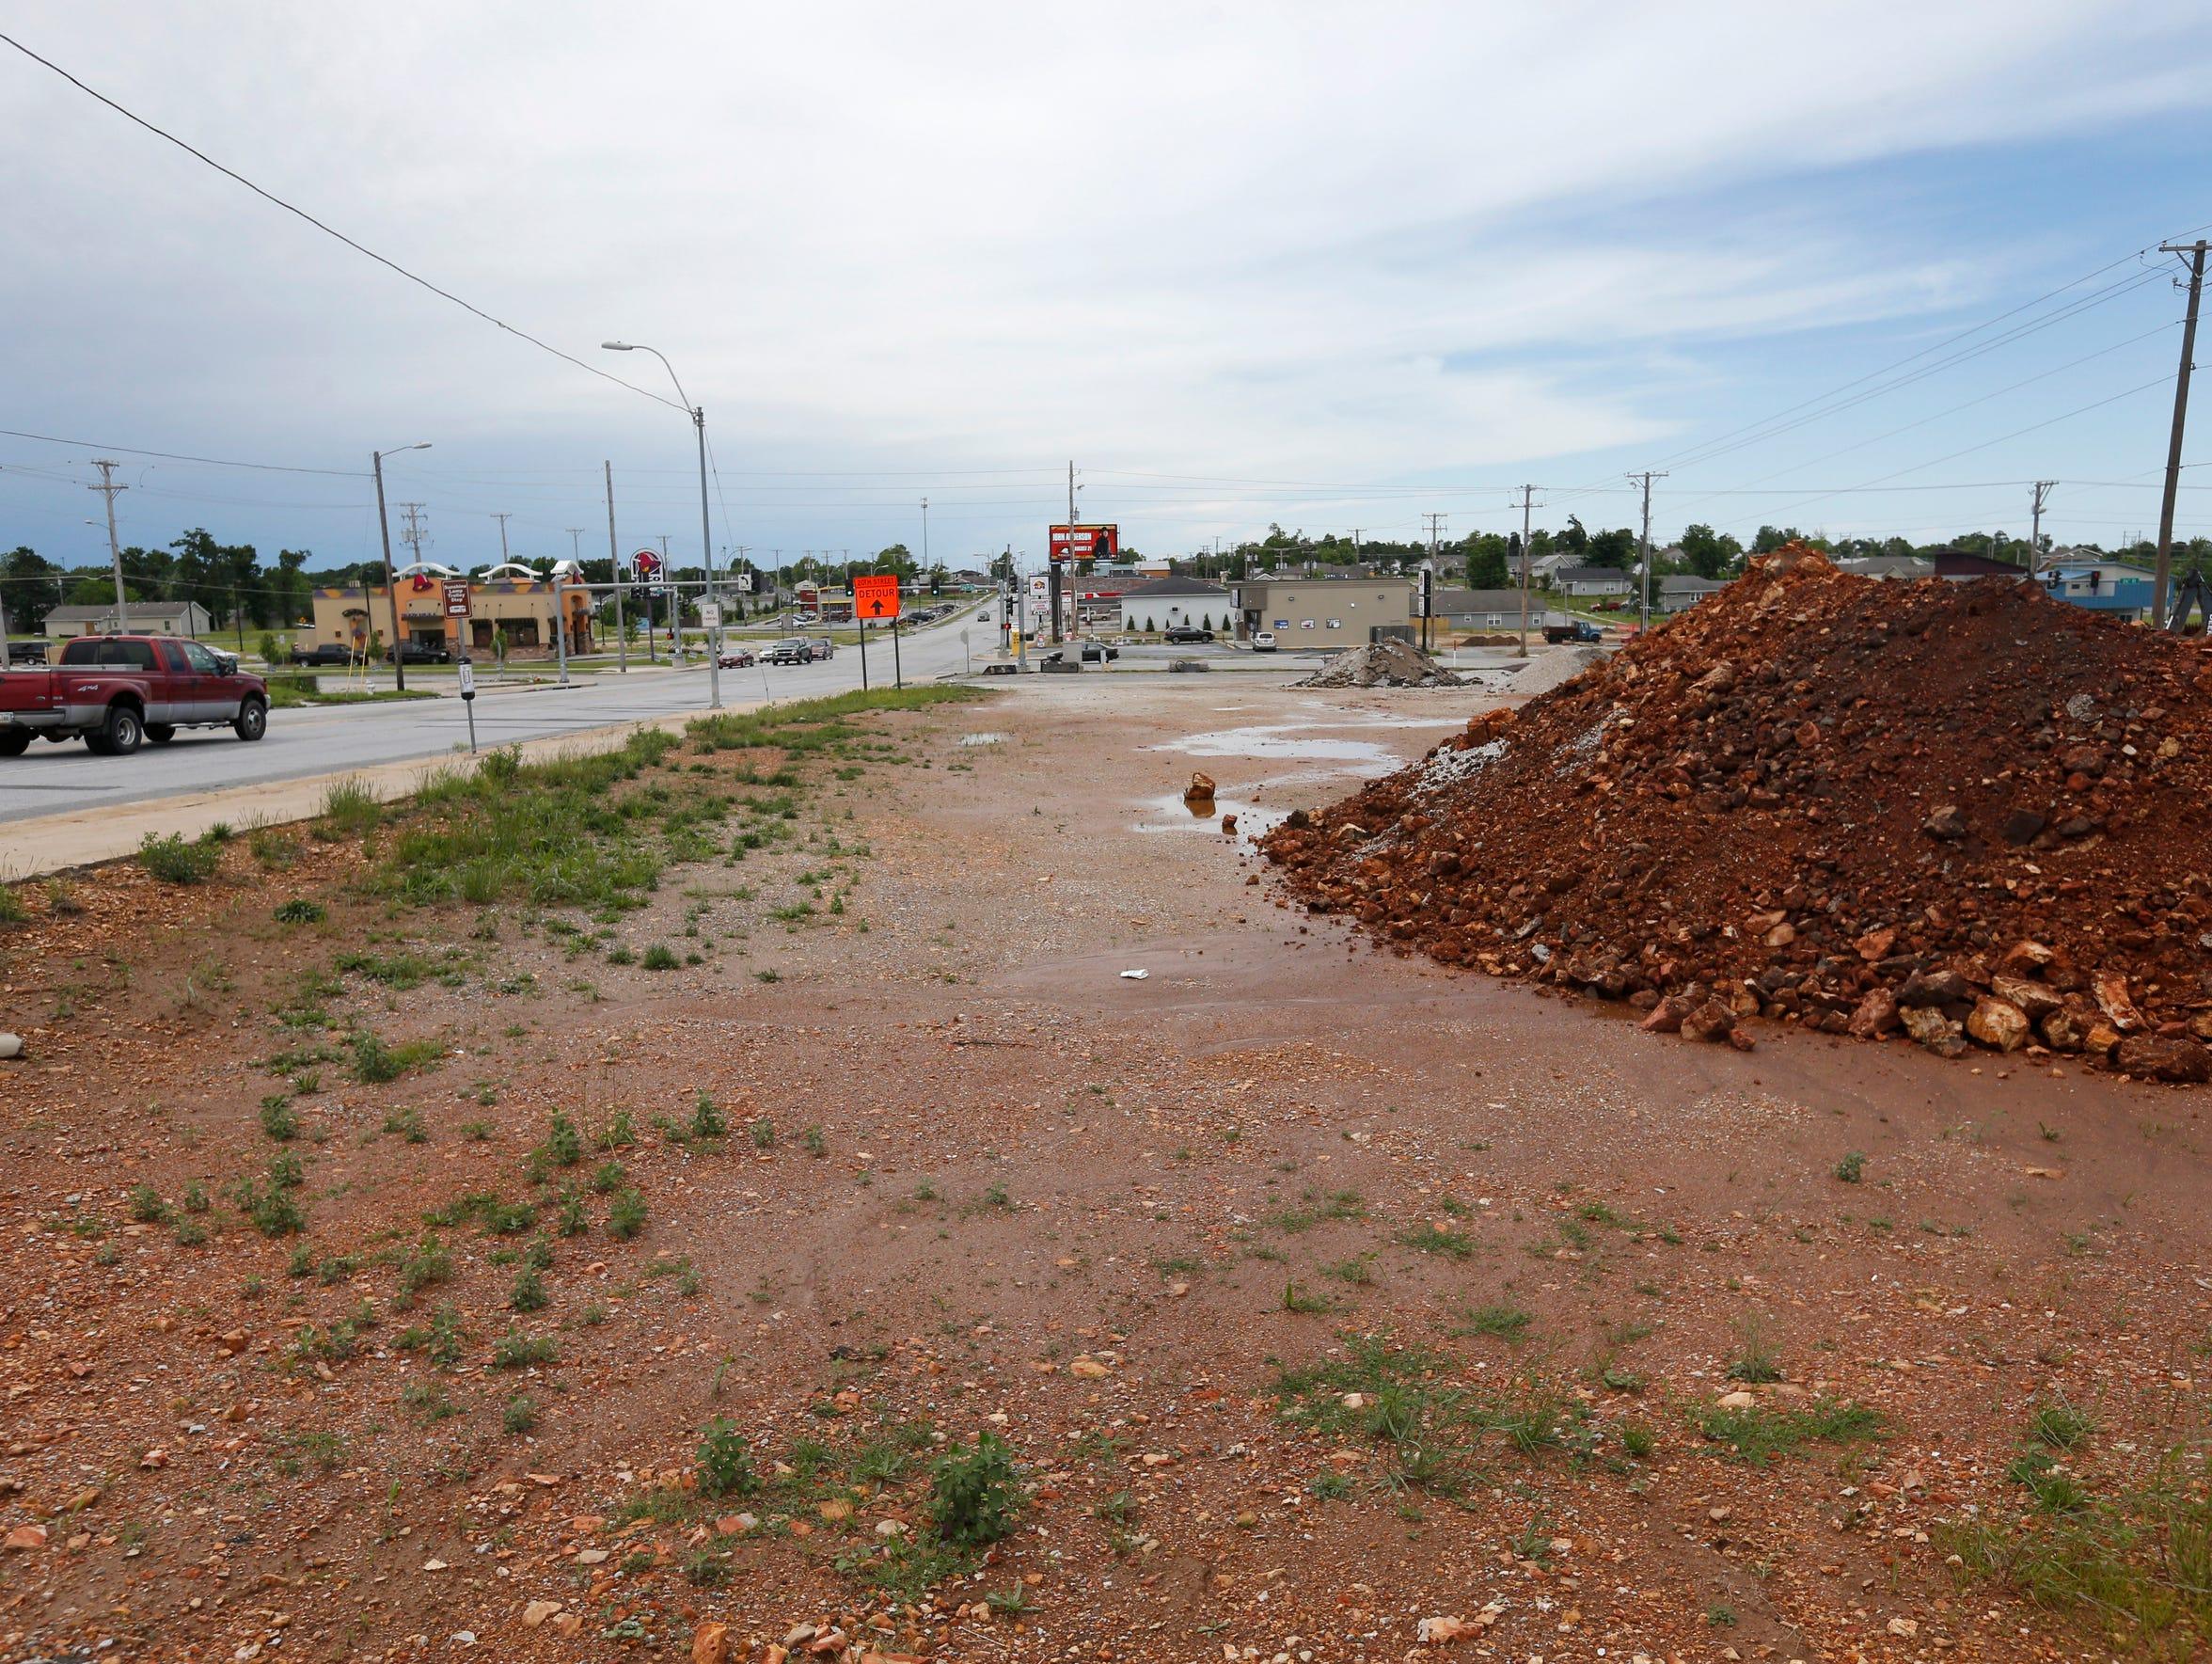 2502 S Main St. in Joplin, Mo.